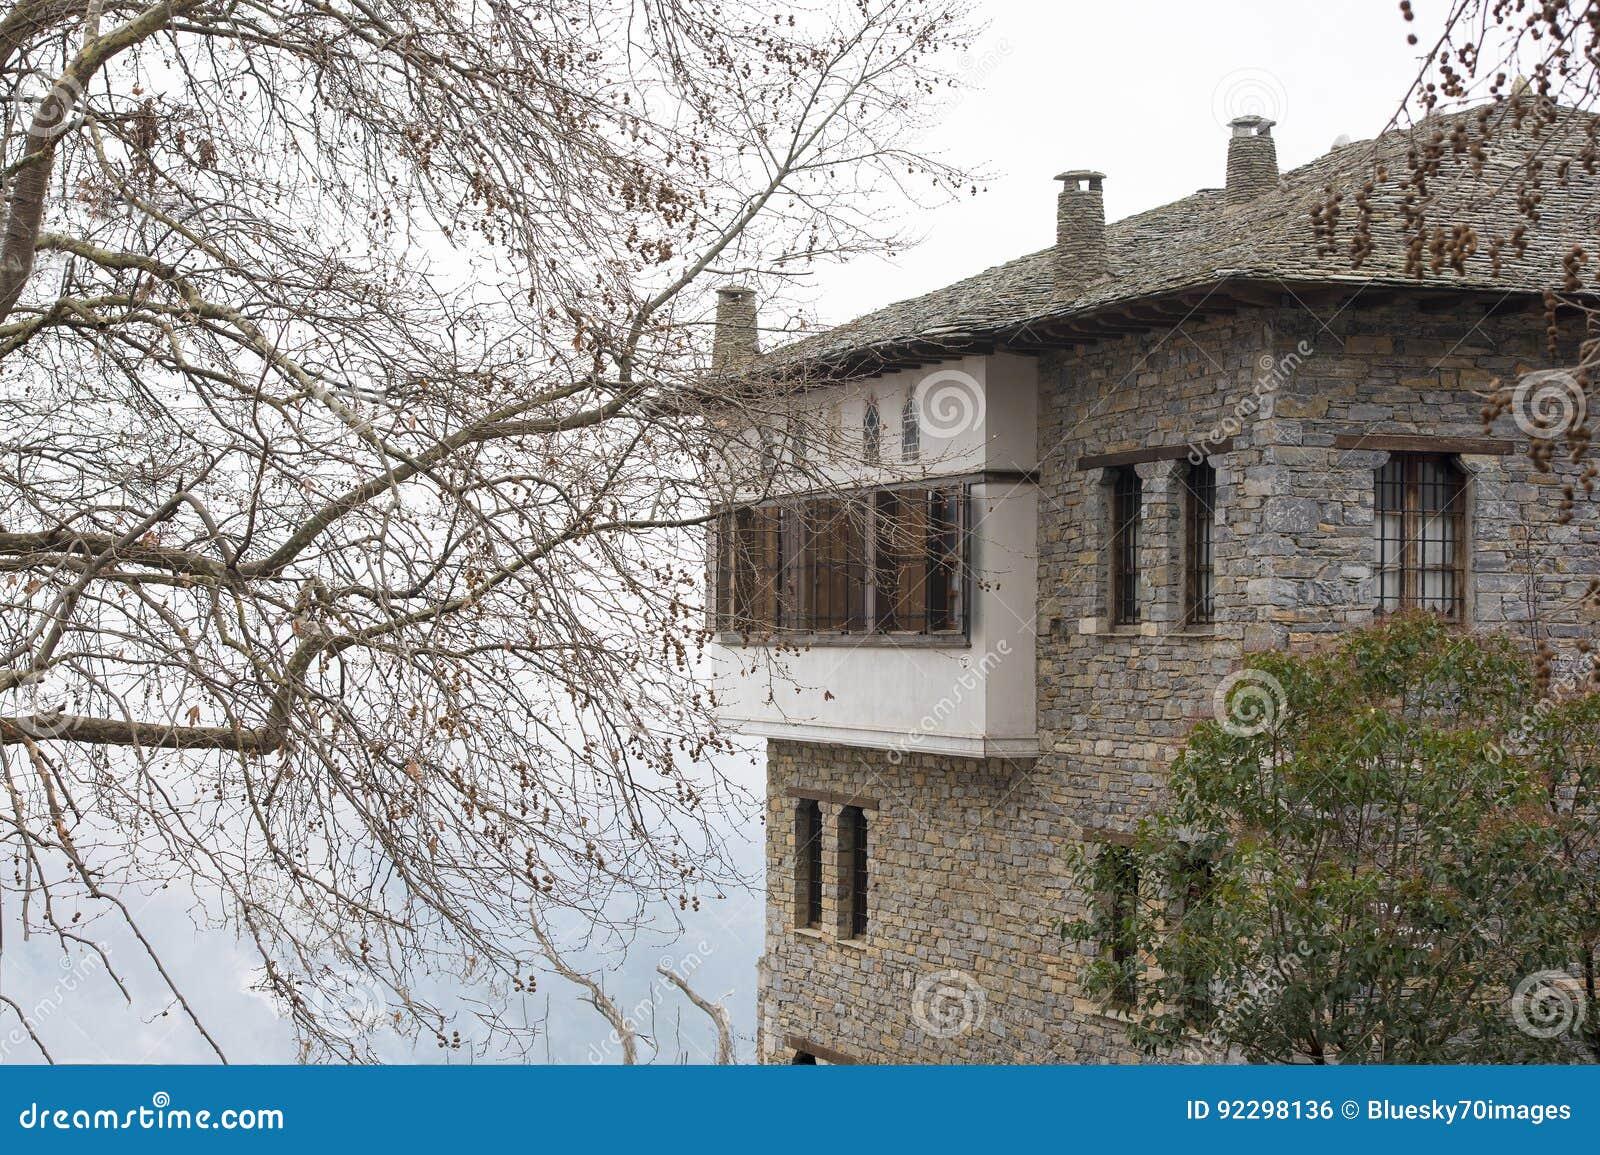 Case In Pietra Di Montagna : Architettura tipica delle case fatte da zona di montagna di pietra